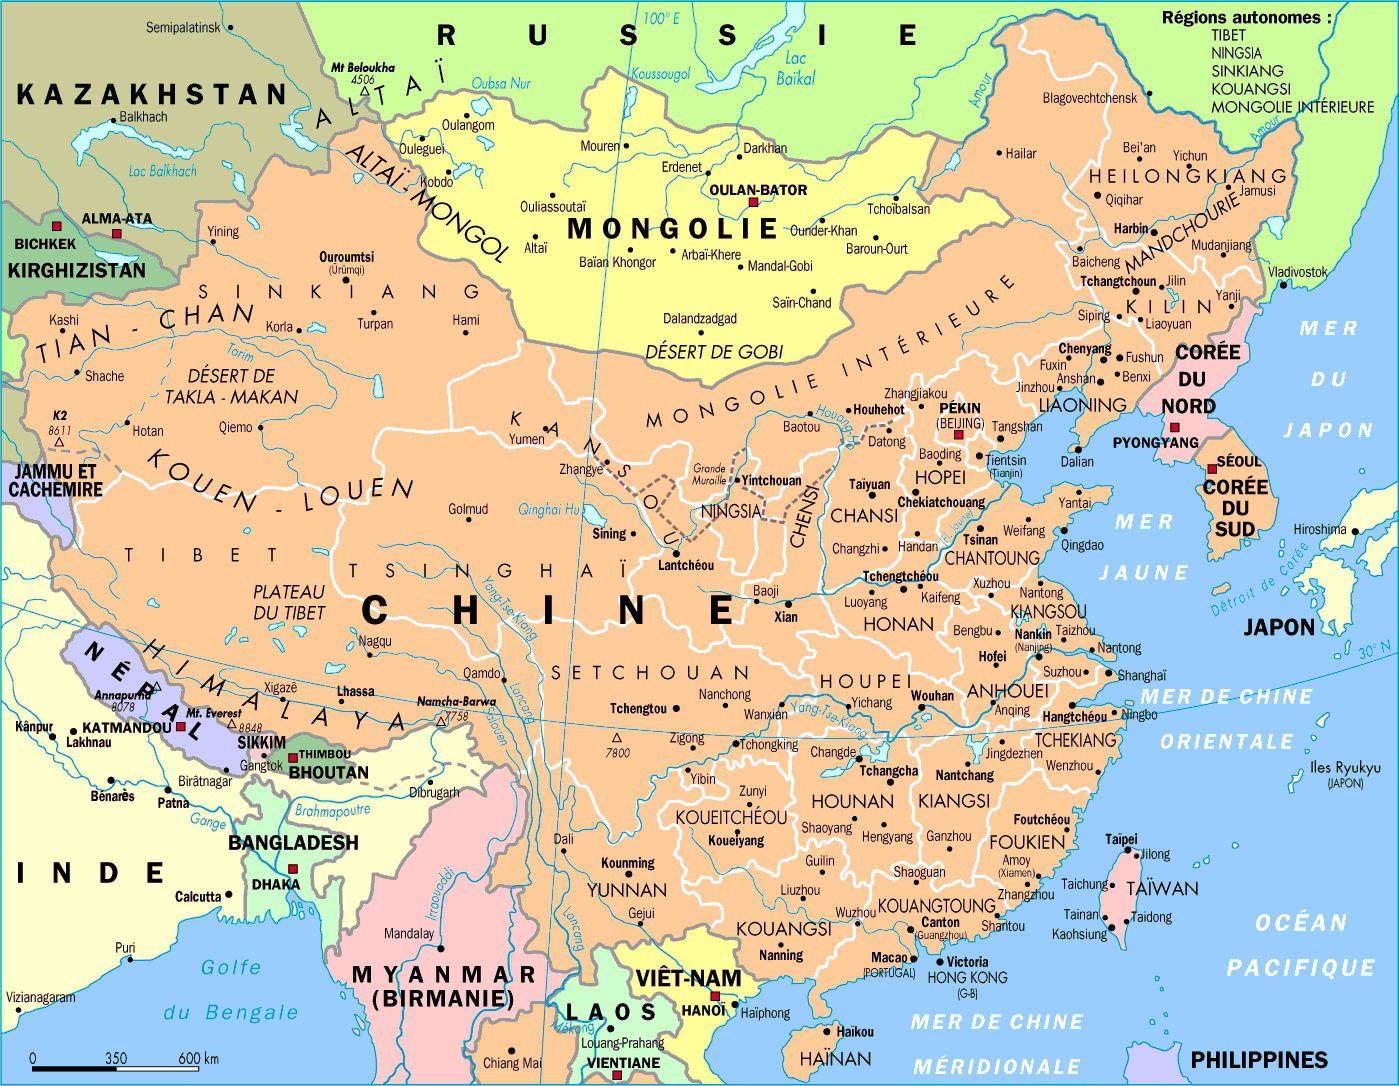 Autre carte de la Chine